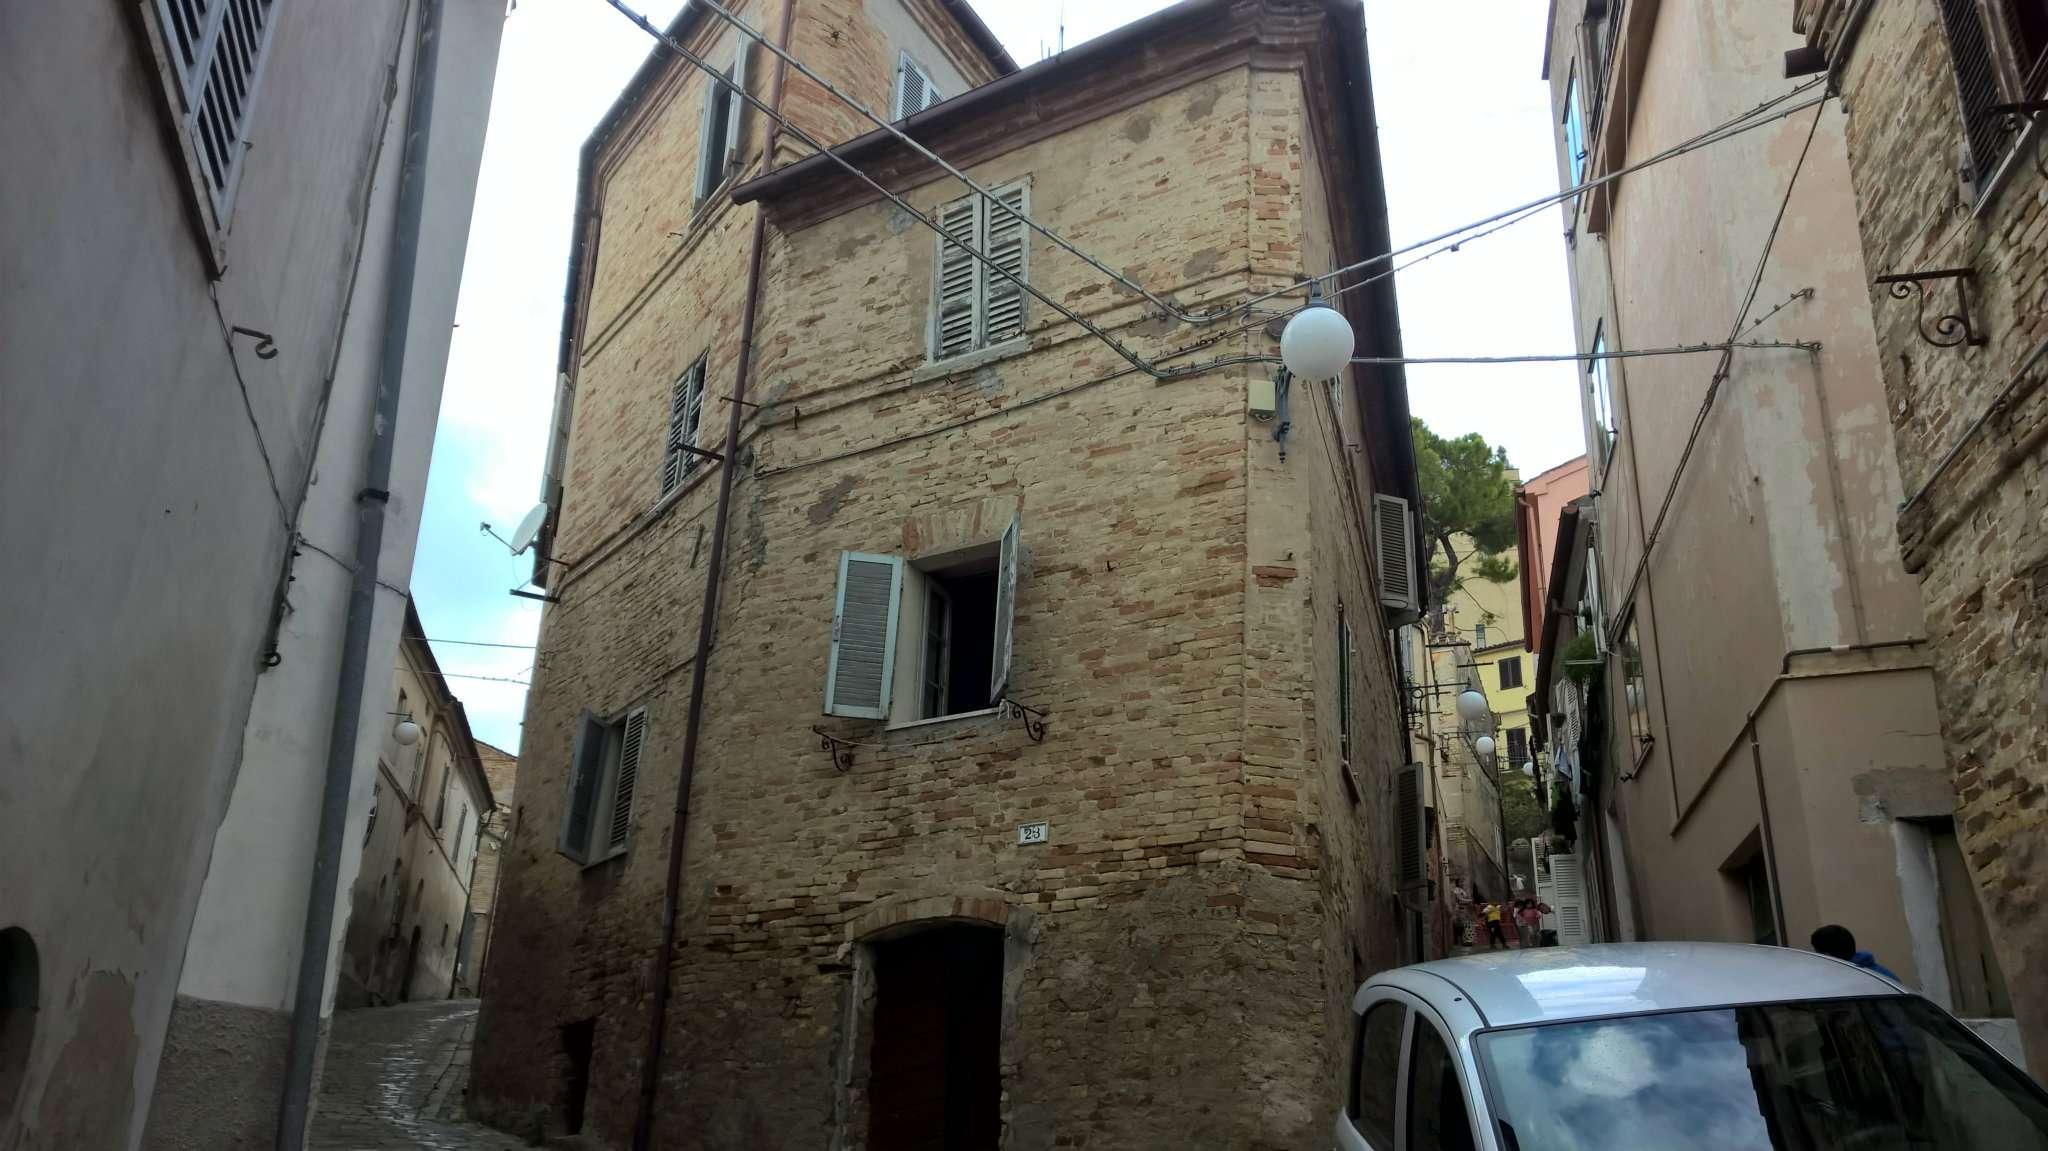 Palazzo / Stabile in vendita a Montegranaro, 9999 locali, prezzo € 38.000 | CambioCasa.it